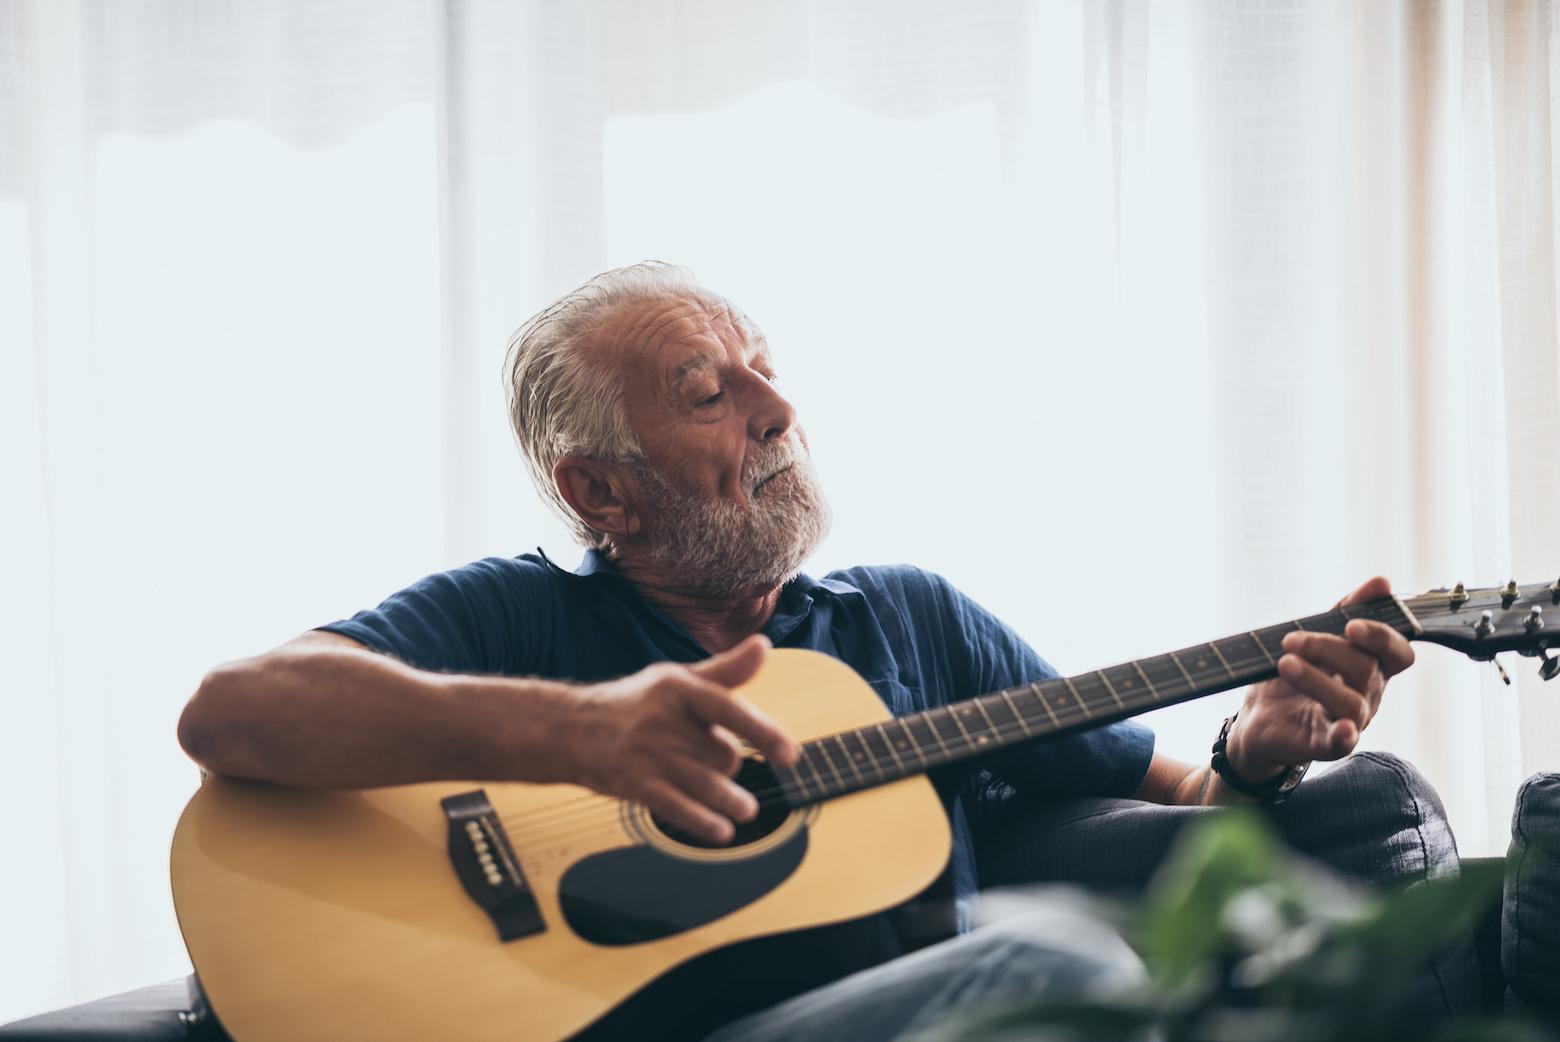 Ein weißhaariger Mann spielt Gitarre. Ein Musikinstrument zu spielen, trainiert das Gehirn.